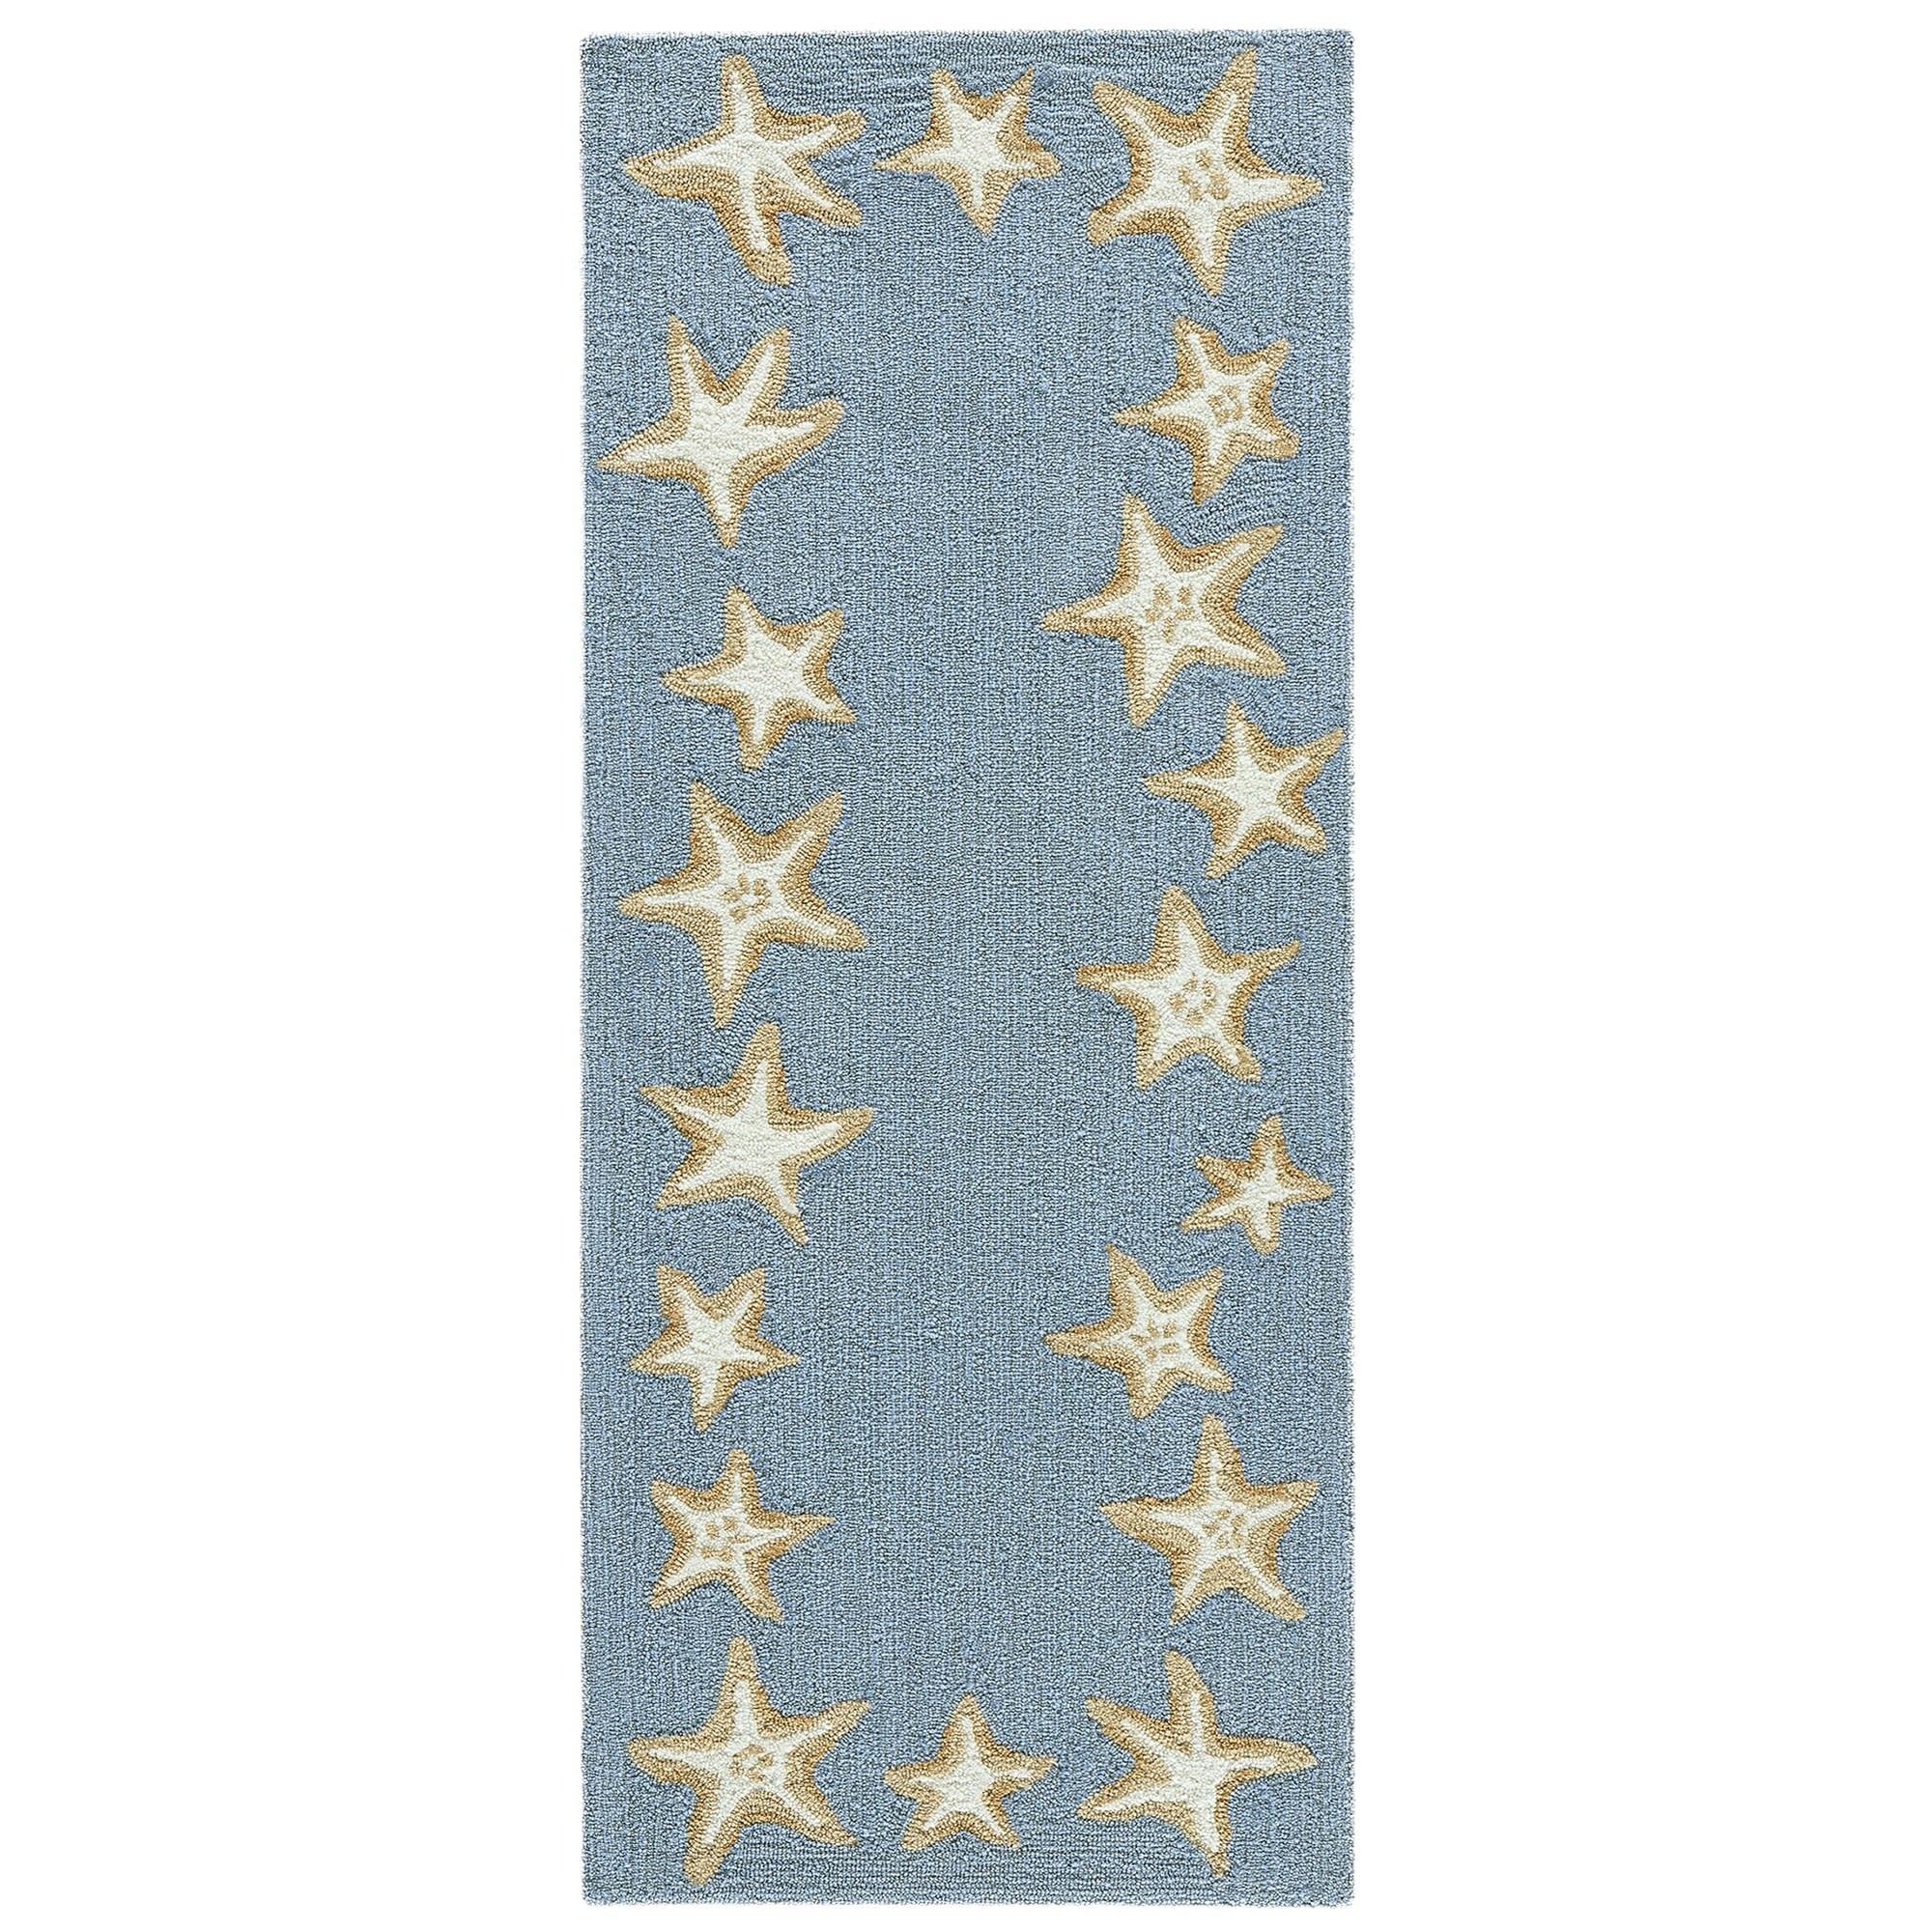 Starfish Border Bluewater Rug 24x60